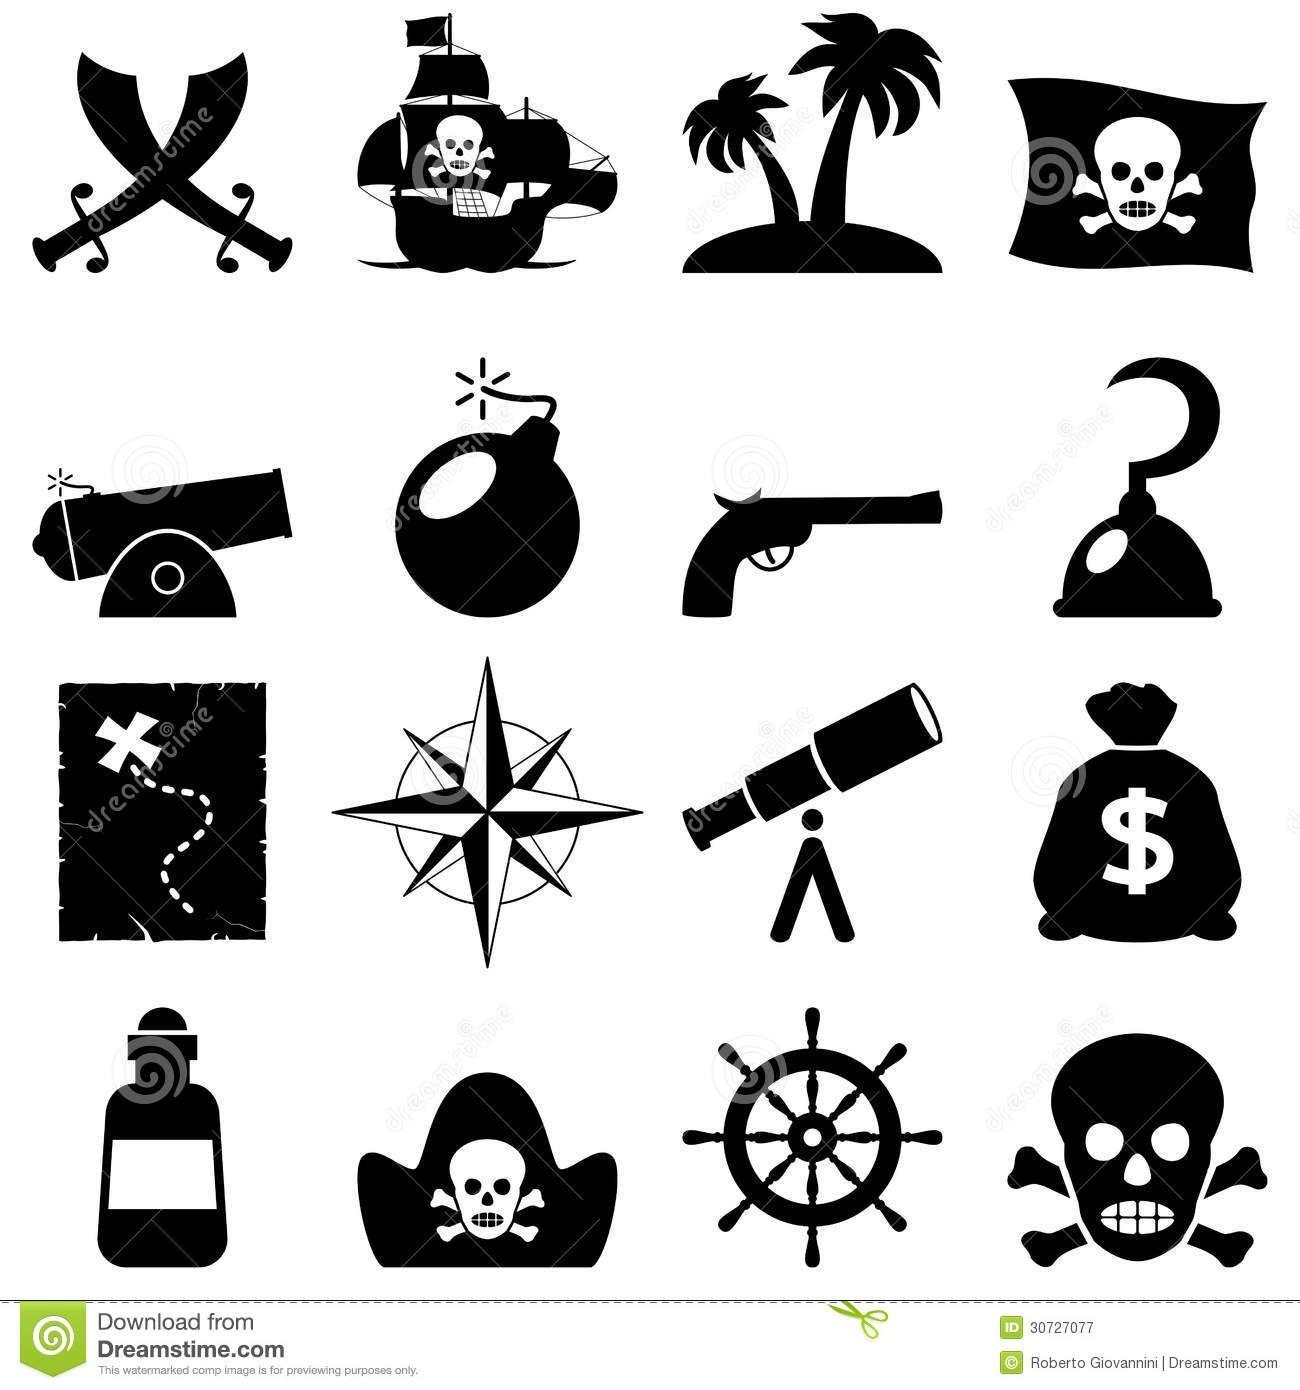 treasure map icons Google Search Pirate treasure maps